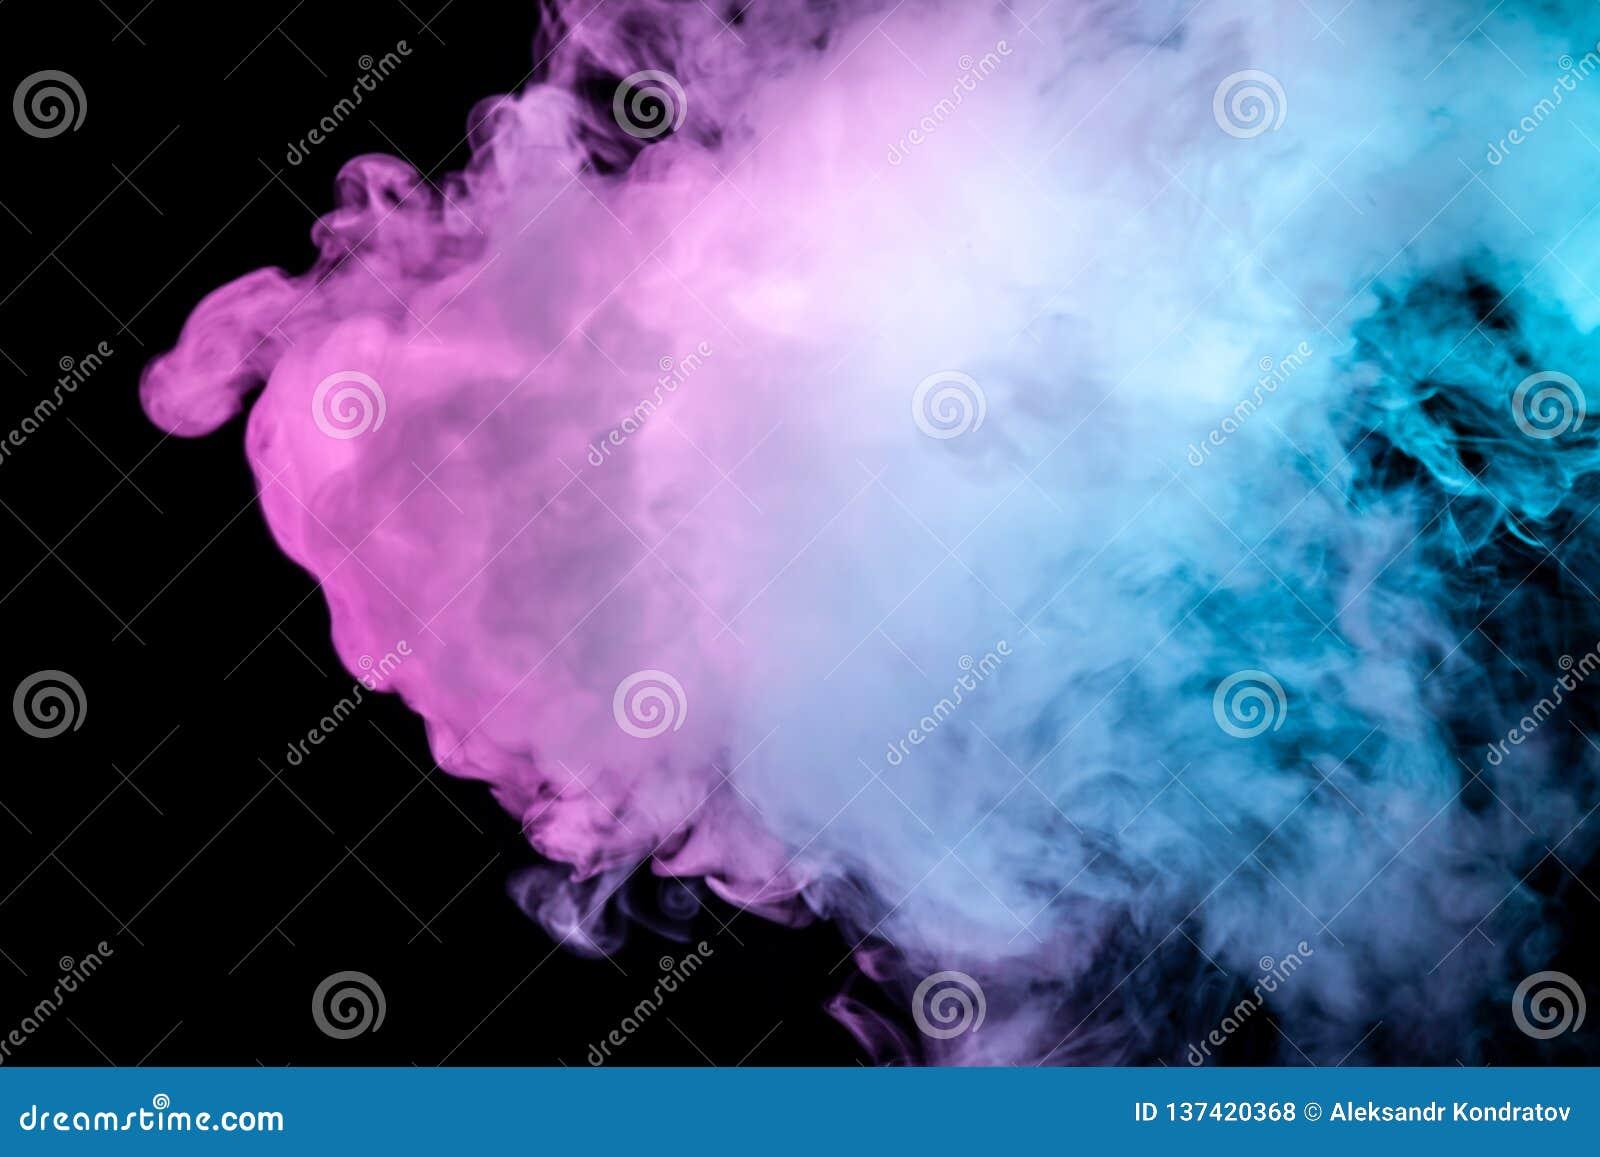 Flerfärgad tjock rök, exponerad av kulört i blått, purpurfärgat och rosa ljus mot en mörk svart isolerad bakgrund som svetsas